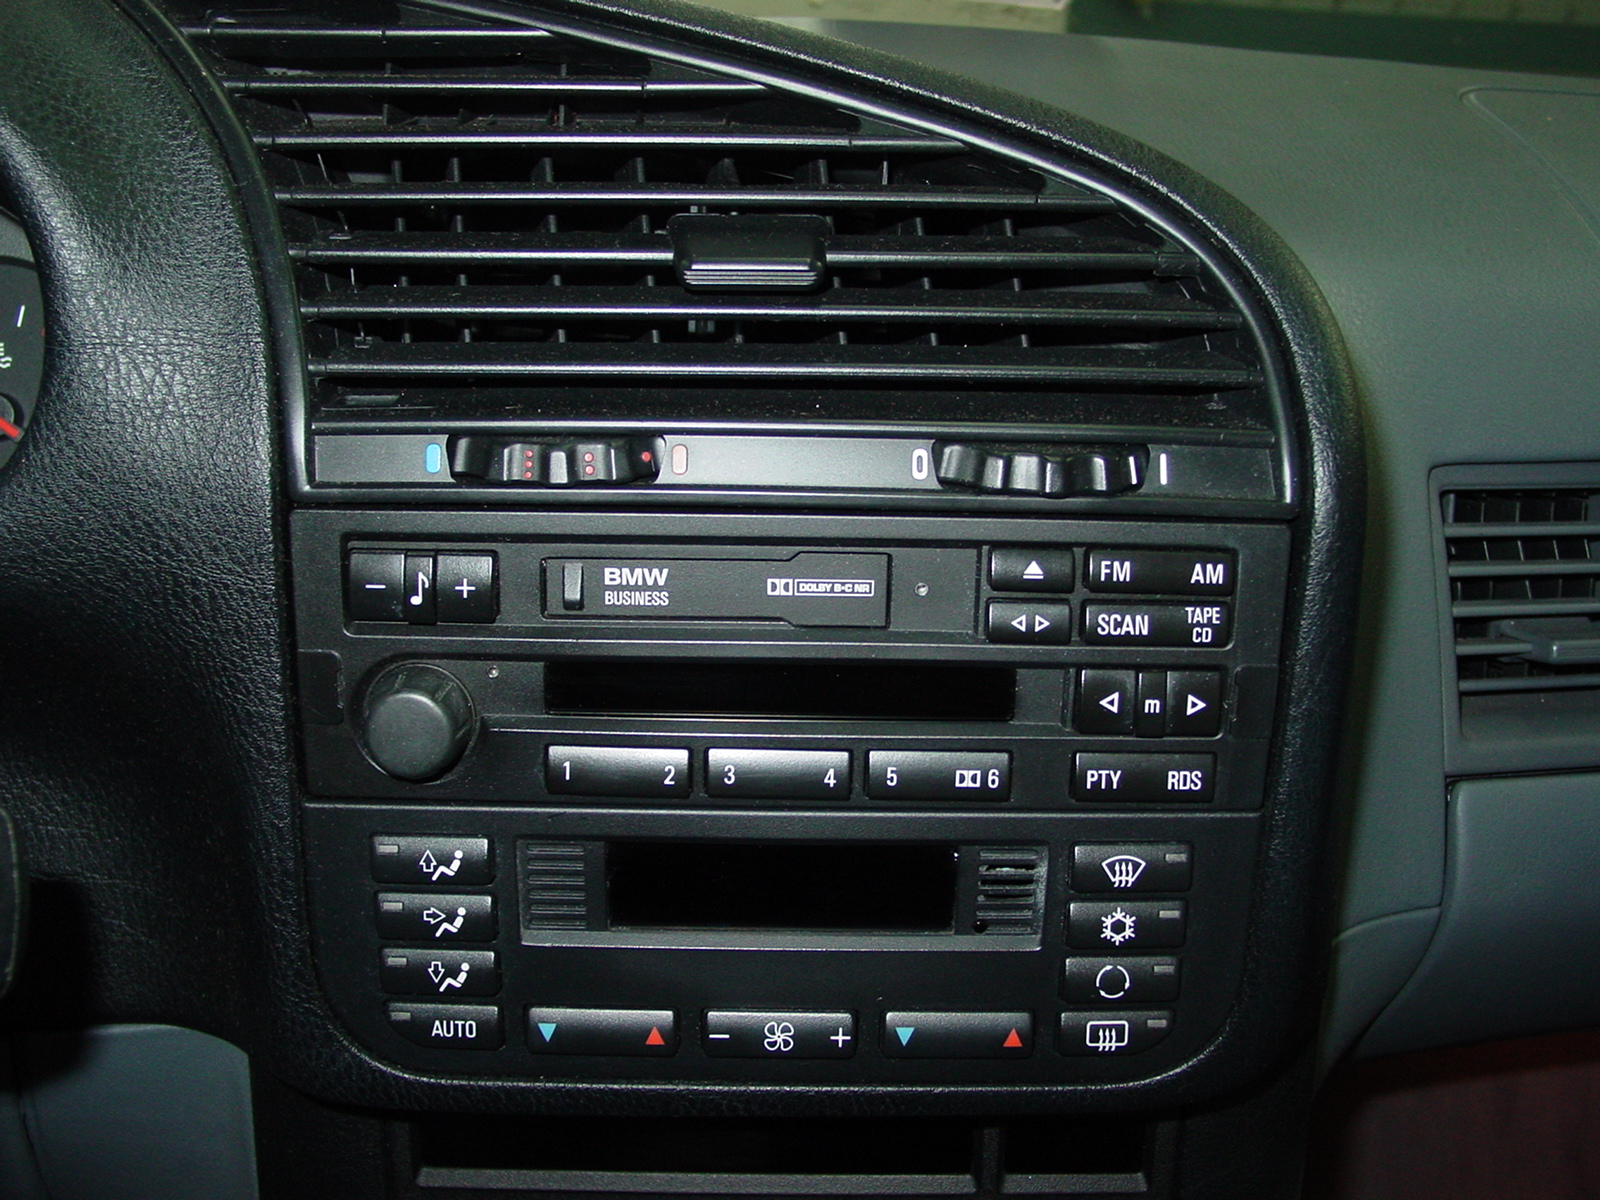 1987 bmw 325i radio wiring diagram 1987 image similiar bmw 325i radio replacement keywords on 1987 bmw 325i radio wiring diagram